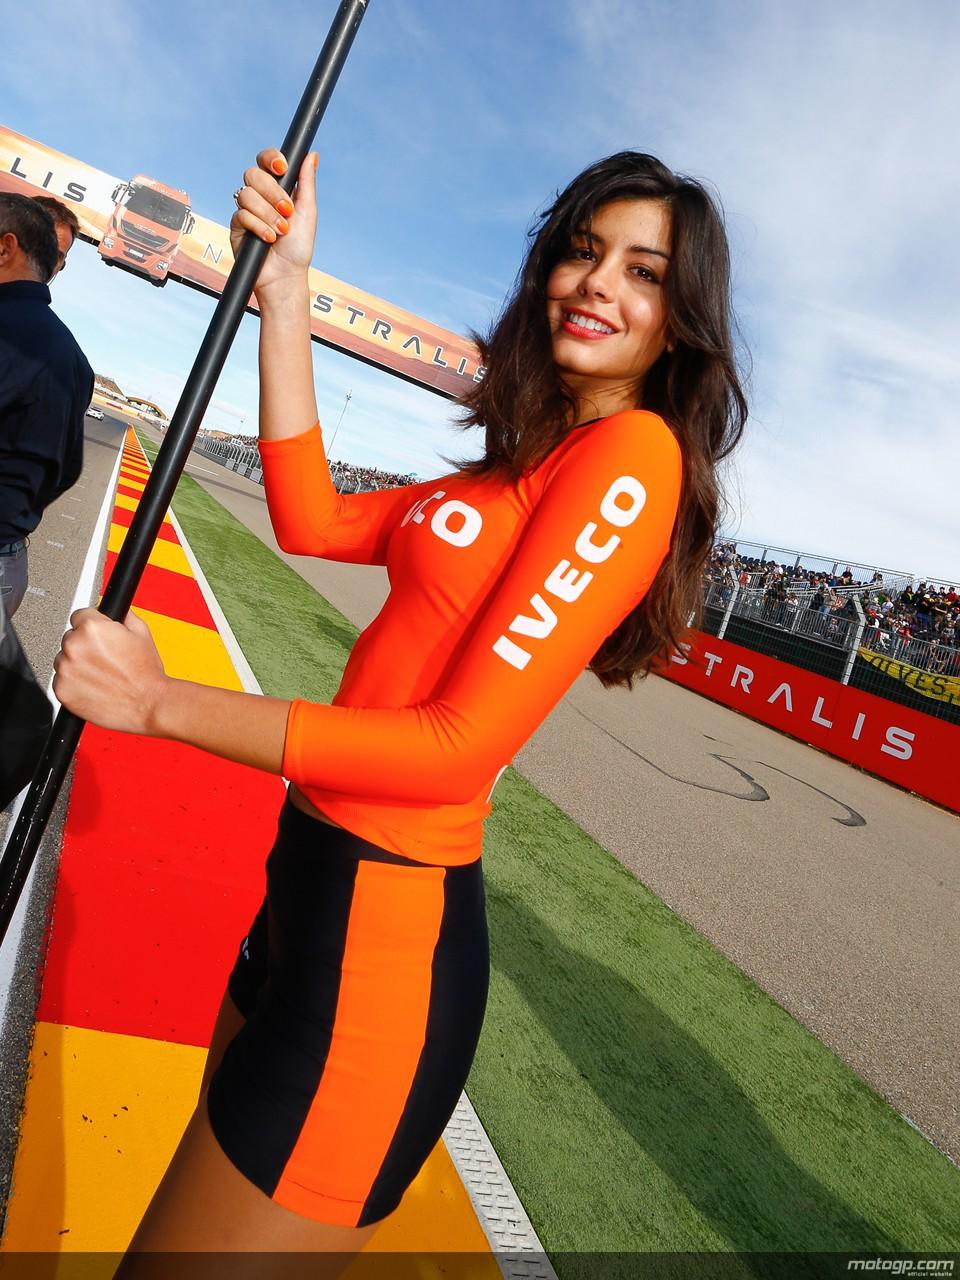 motogp.com · Paddock Girl, Gran Premio Iveco de Aragón